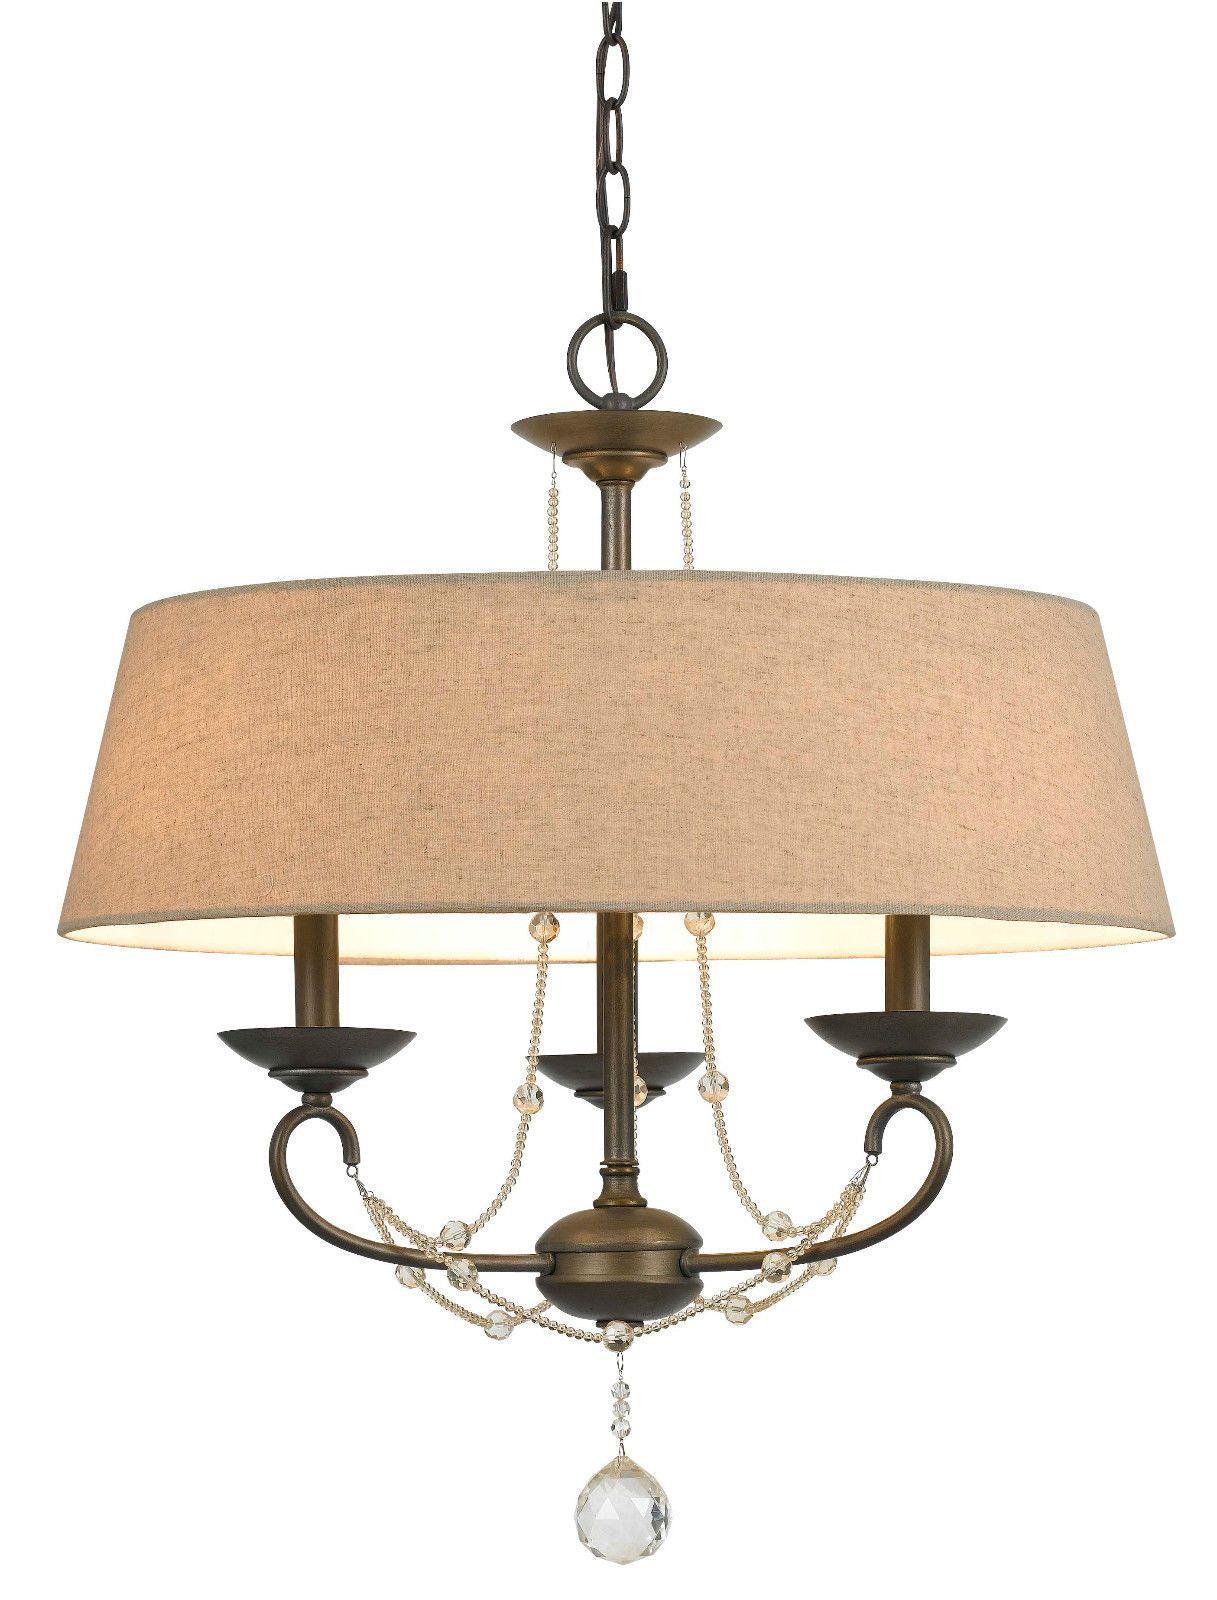 bronze iron burlap crystals drum chandelier 3 lights 22 wx19 h